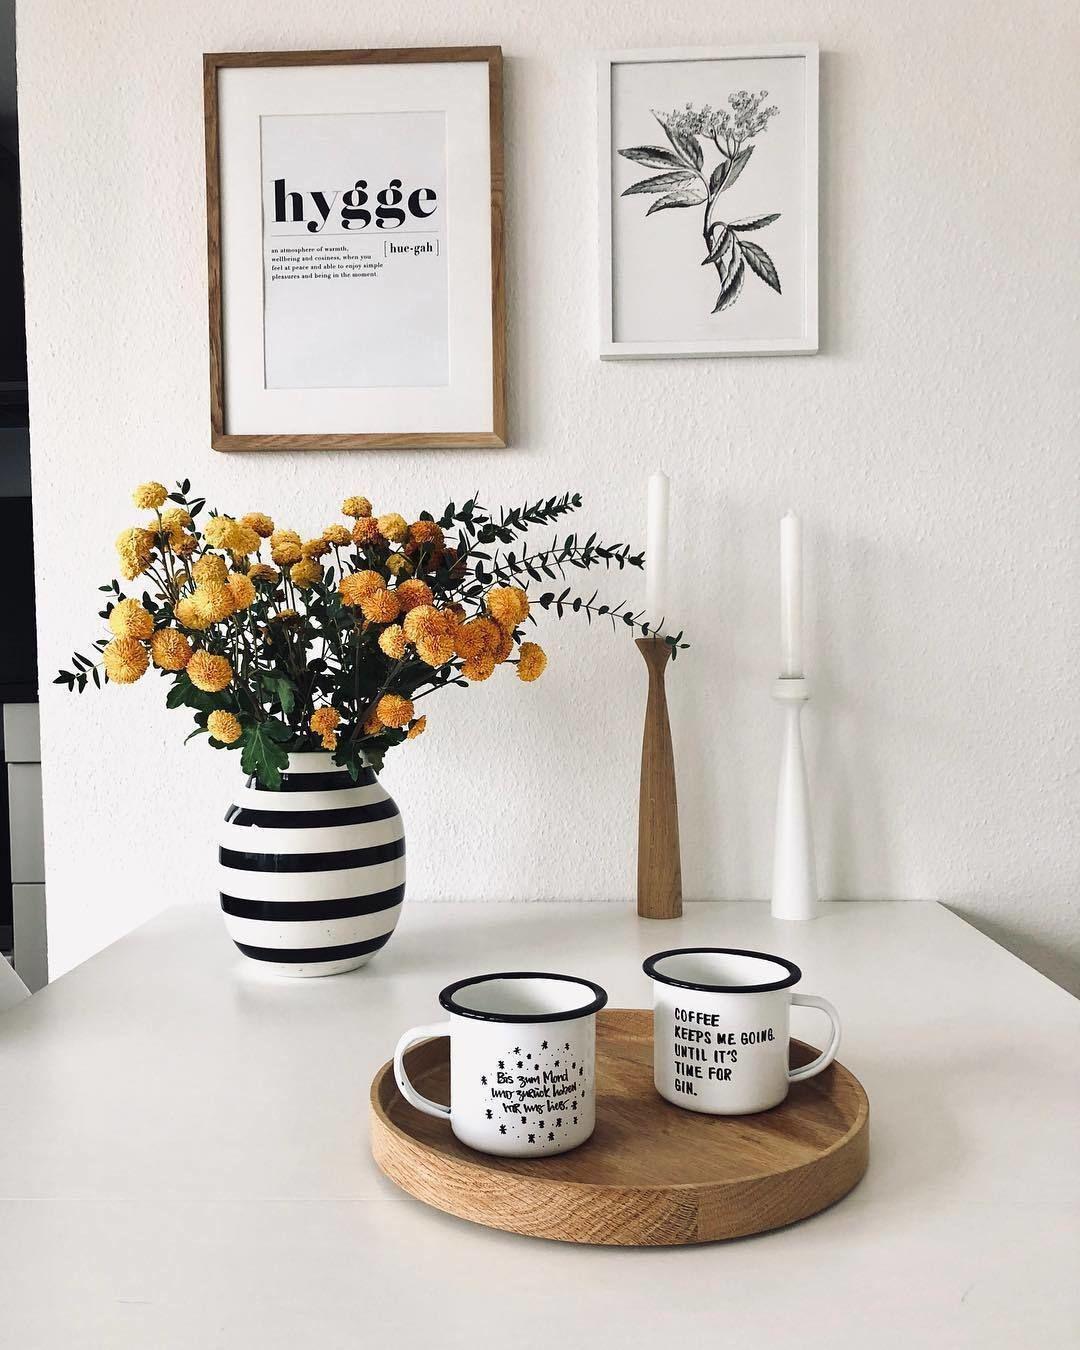 un decor scandinave comme on les aime l inspiration muramur du jour vient de maikii88 interiordesign scandavian hygge